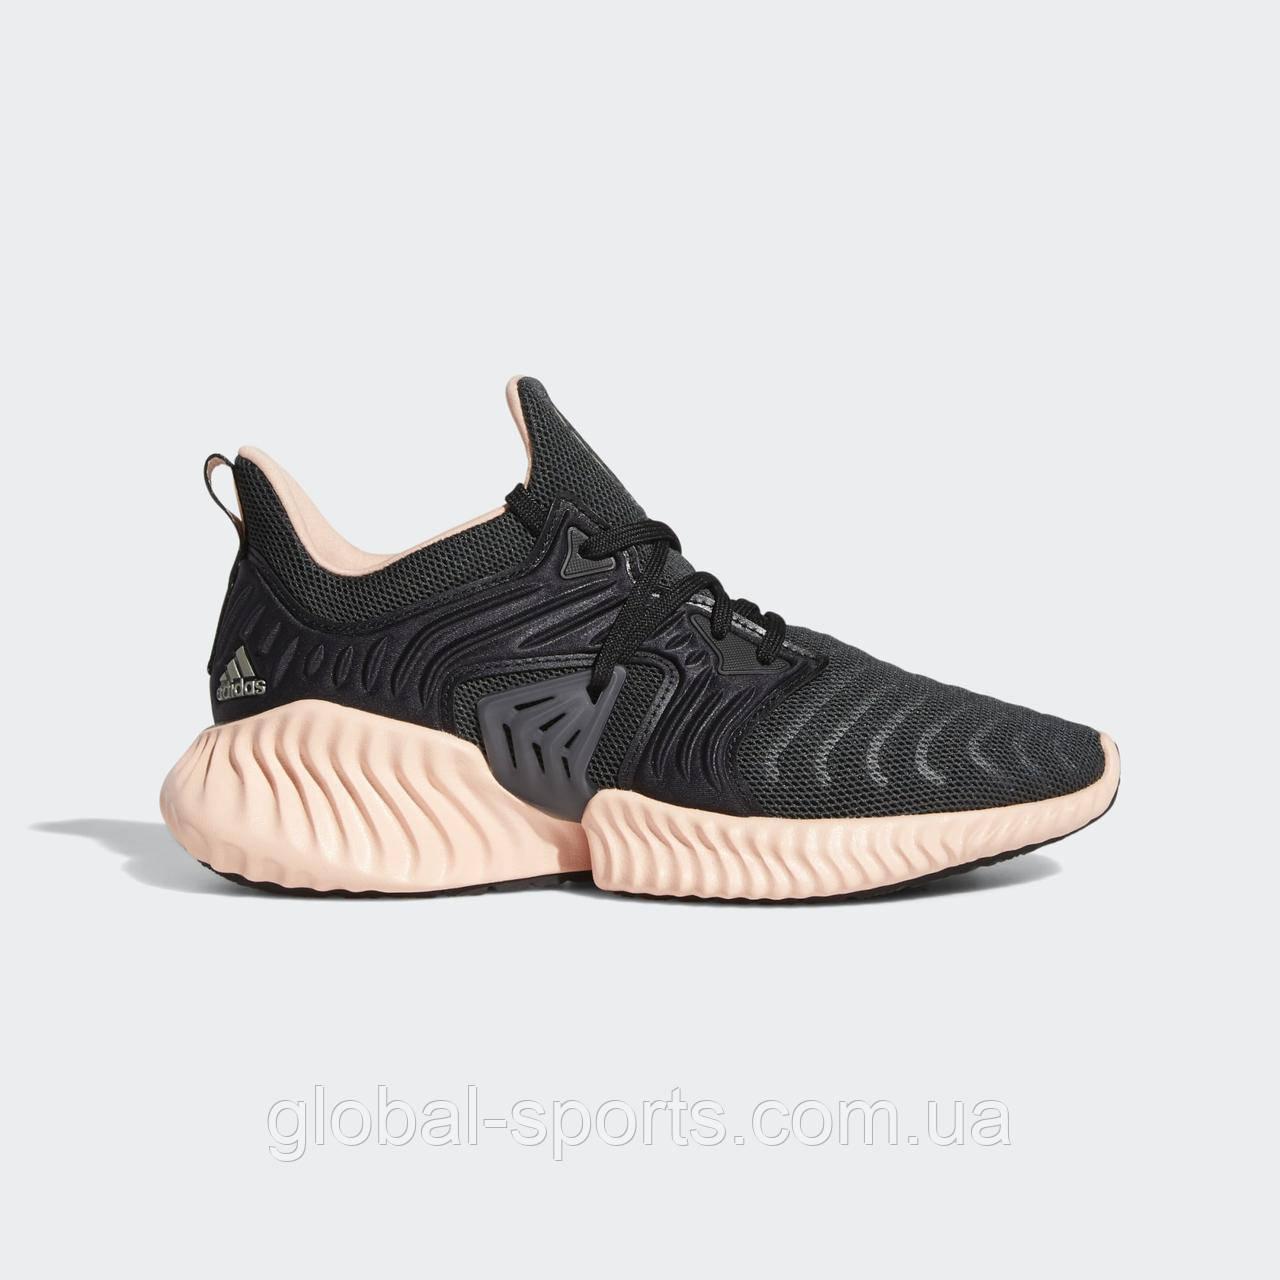 Жіночі кросівки Adidas Alphabounce Instinct CC W (Артикул:F33937)